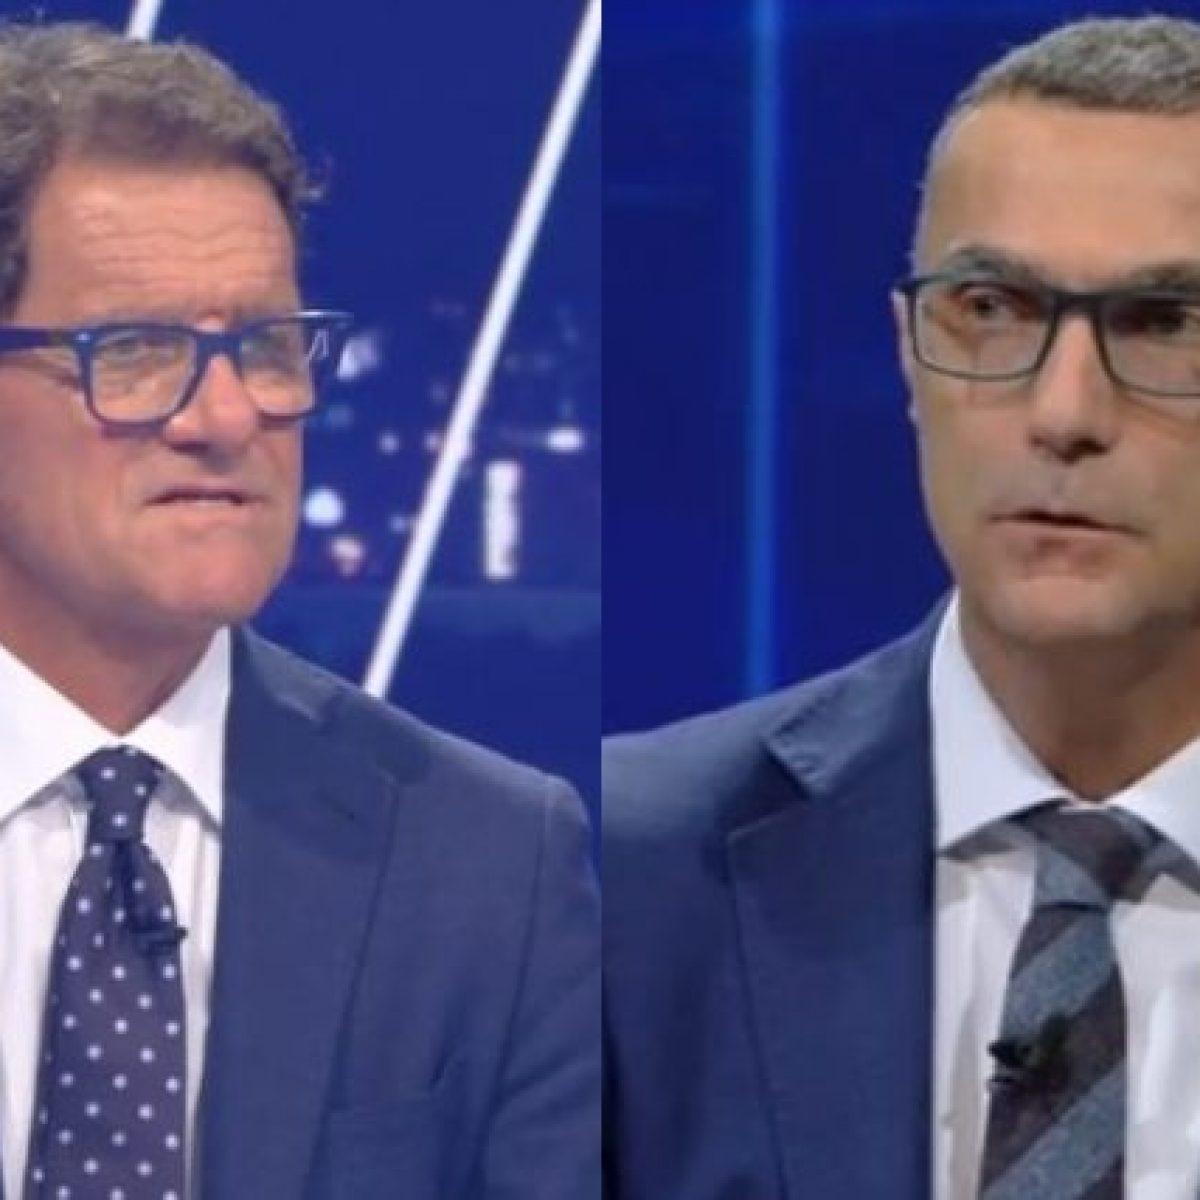 Serie A: la lite tra Capello e Bergomi sulla ripresa del campionato a Sky Calcio Club (VIDEO)